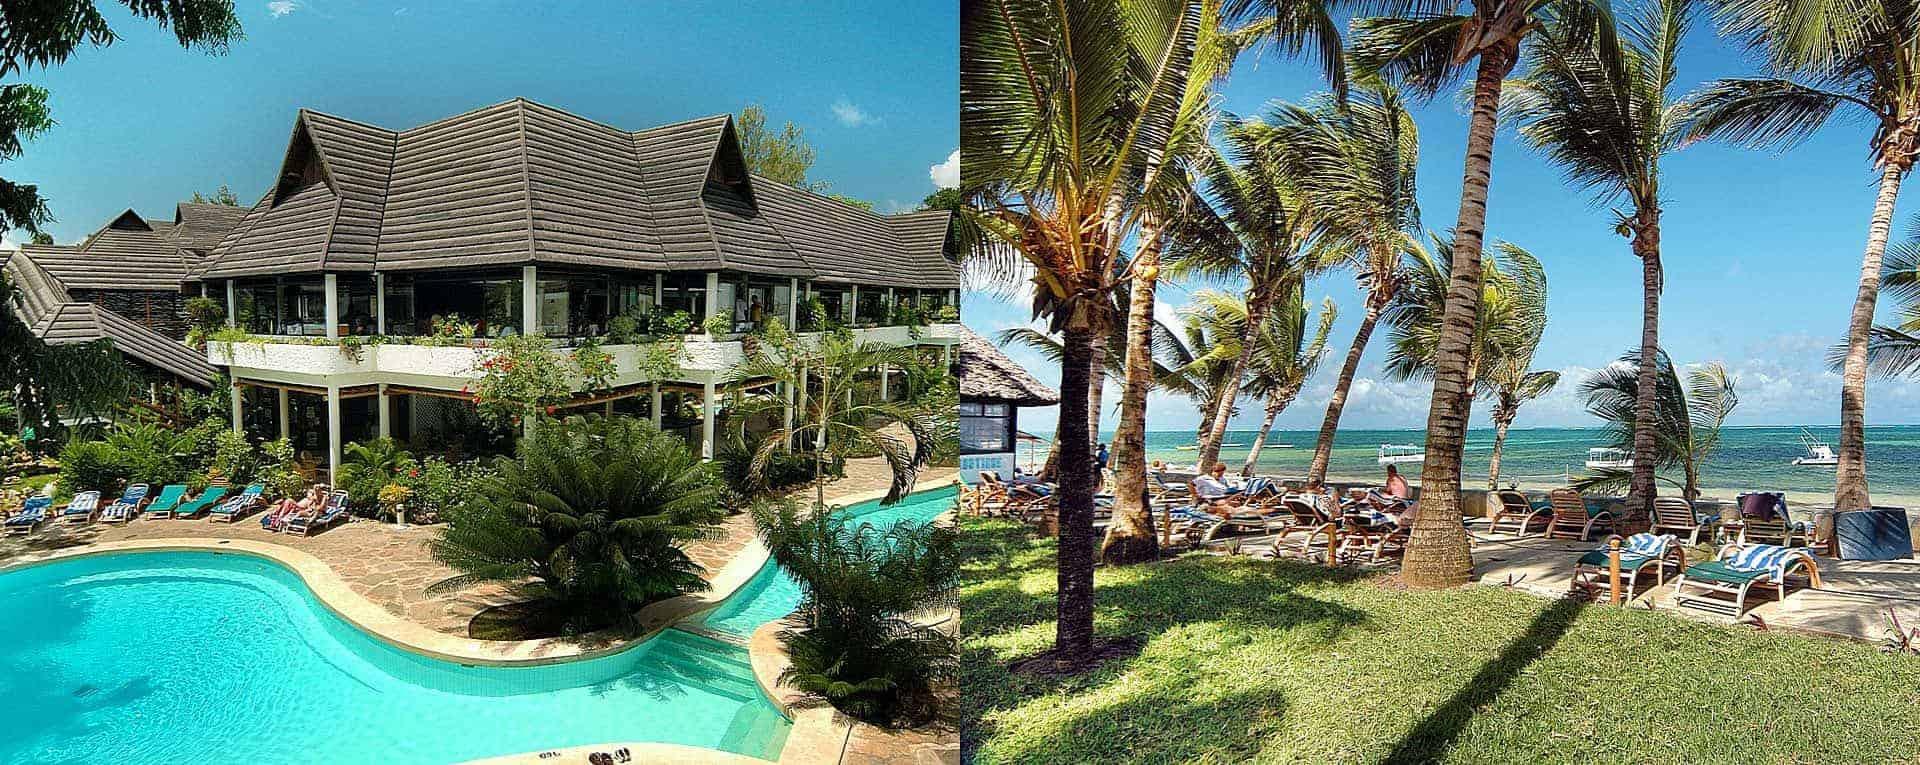 Mombasa North Beach Accommodation In Kenya